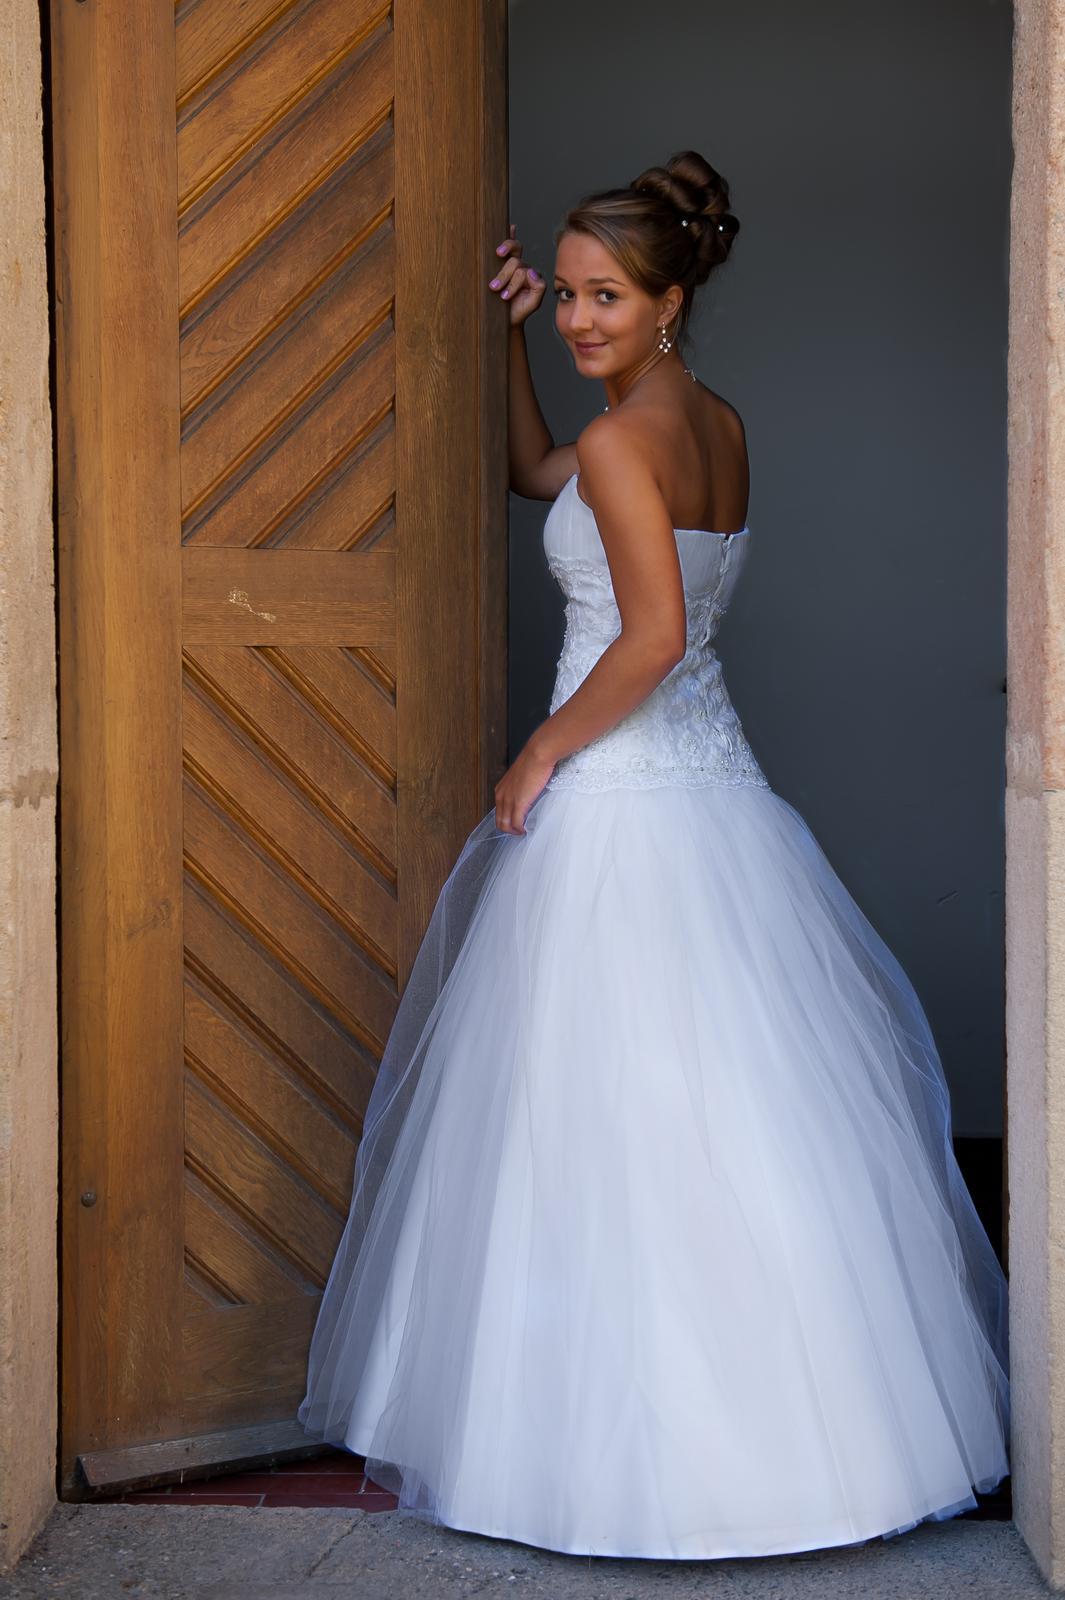 Svatební šaty s tylovou sukní - Obrázek č. 1